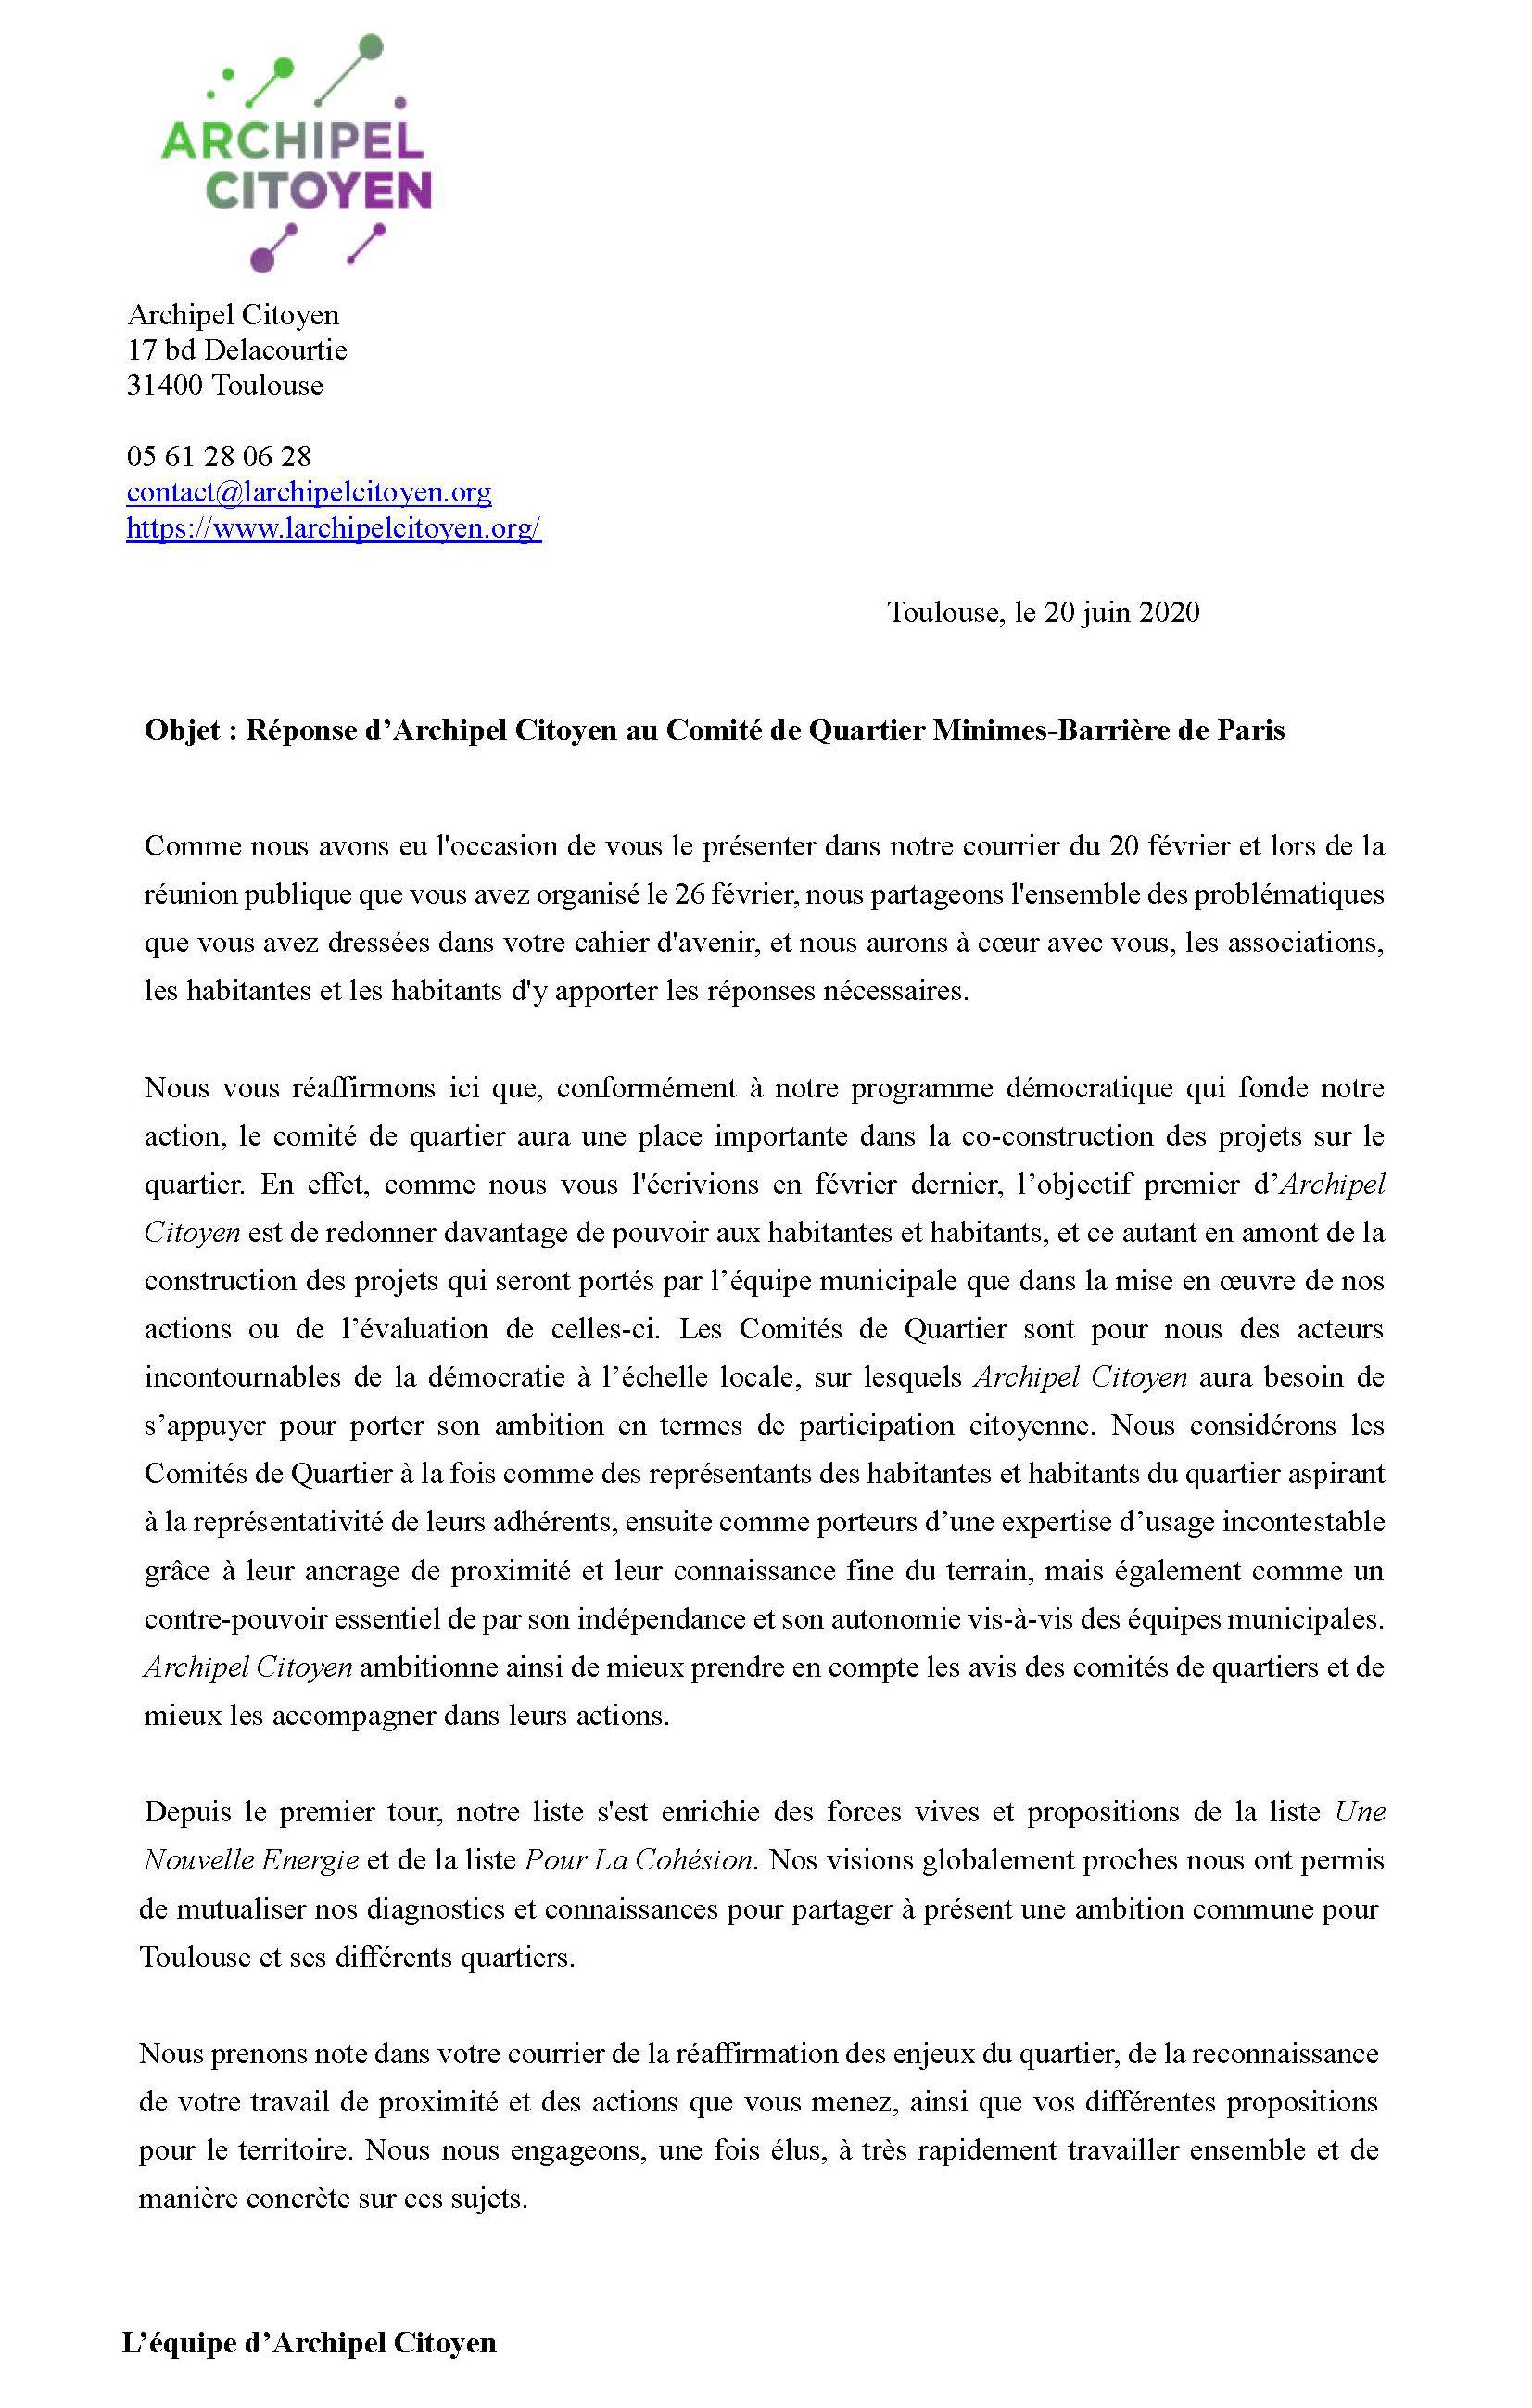 Archipel Citoyen - Réponse Lettre 2 CQ Minimes